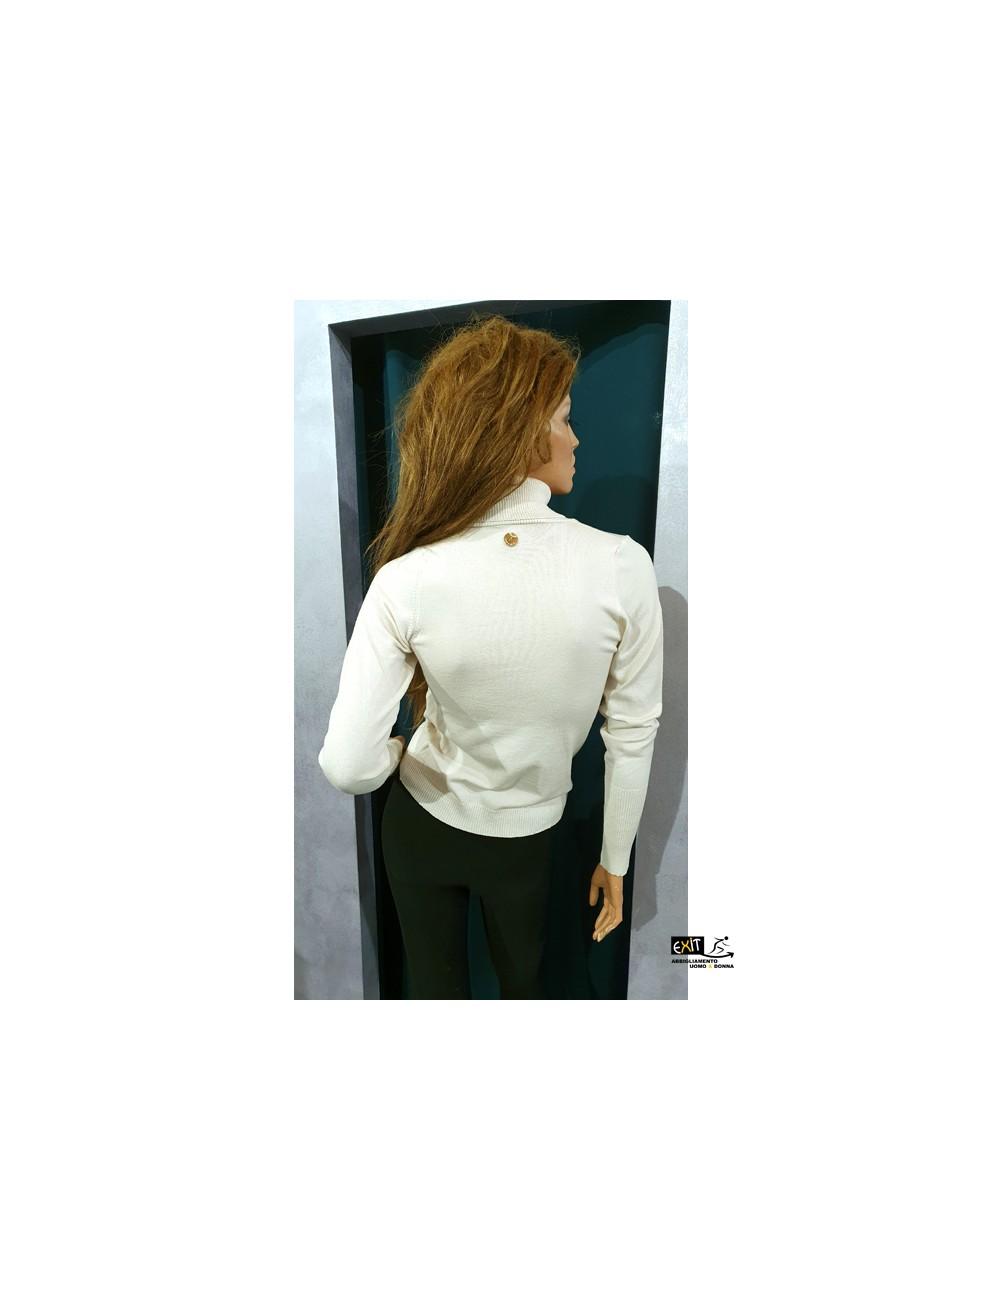 denny rose maglia 021DD50019_c bianco